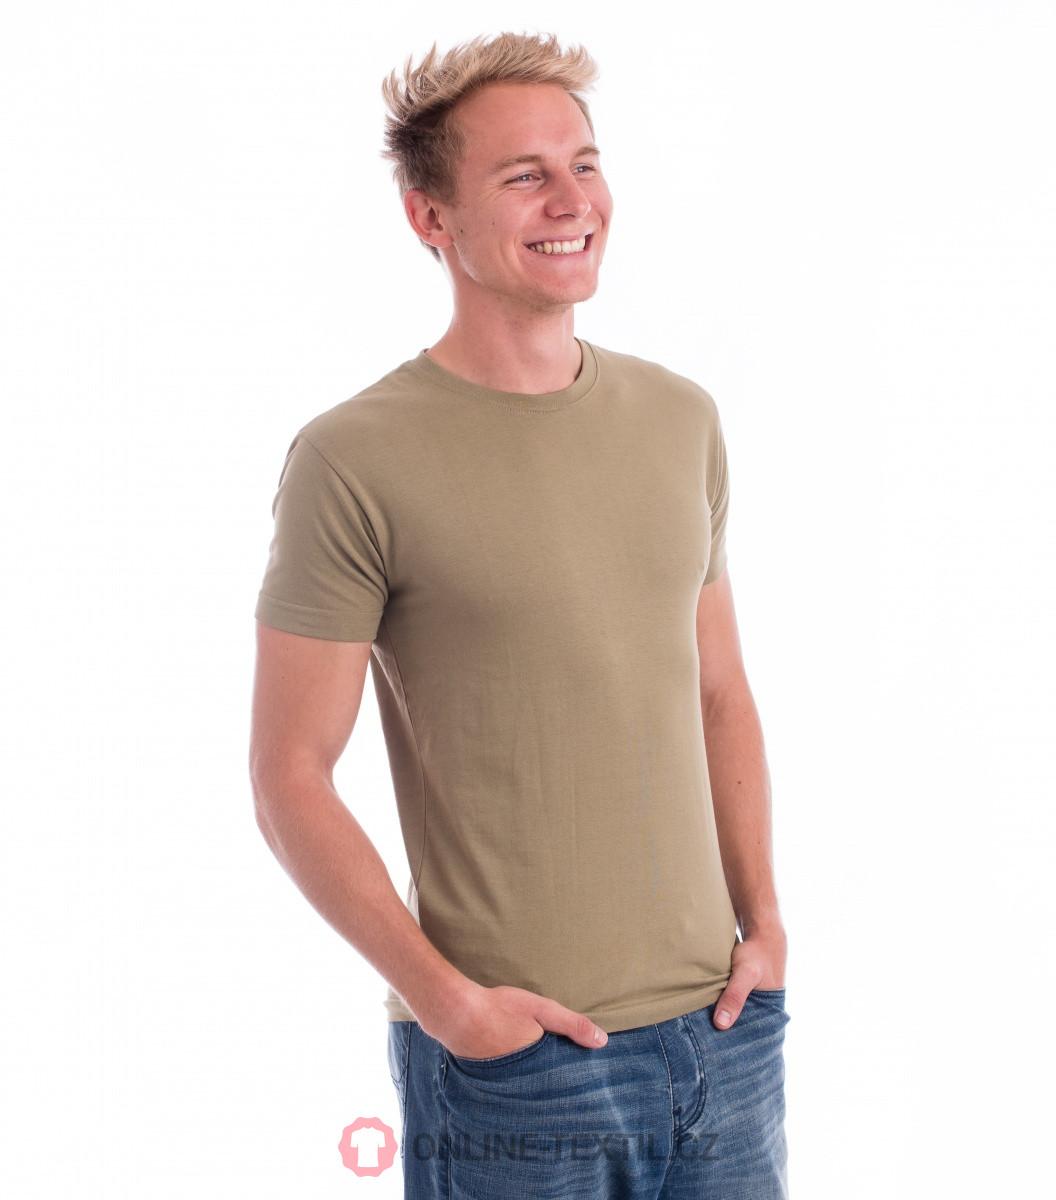 d8e83b01000a ADLER CZECH Priliehavé pánské tričko Replay Viper vyššej gramáže 143 ...